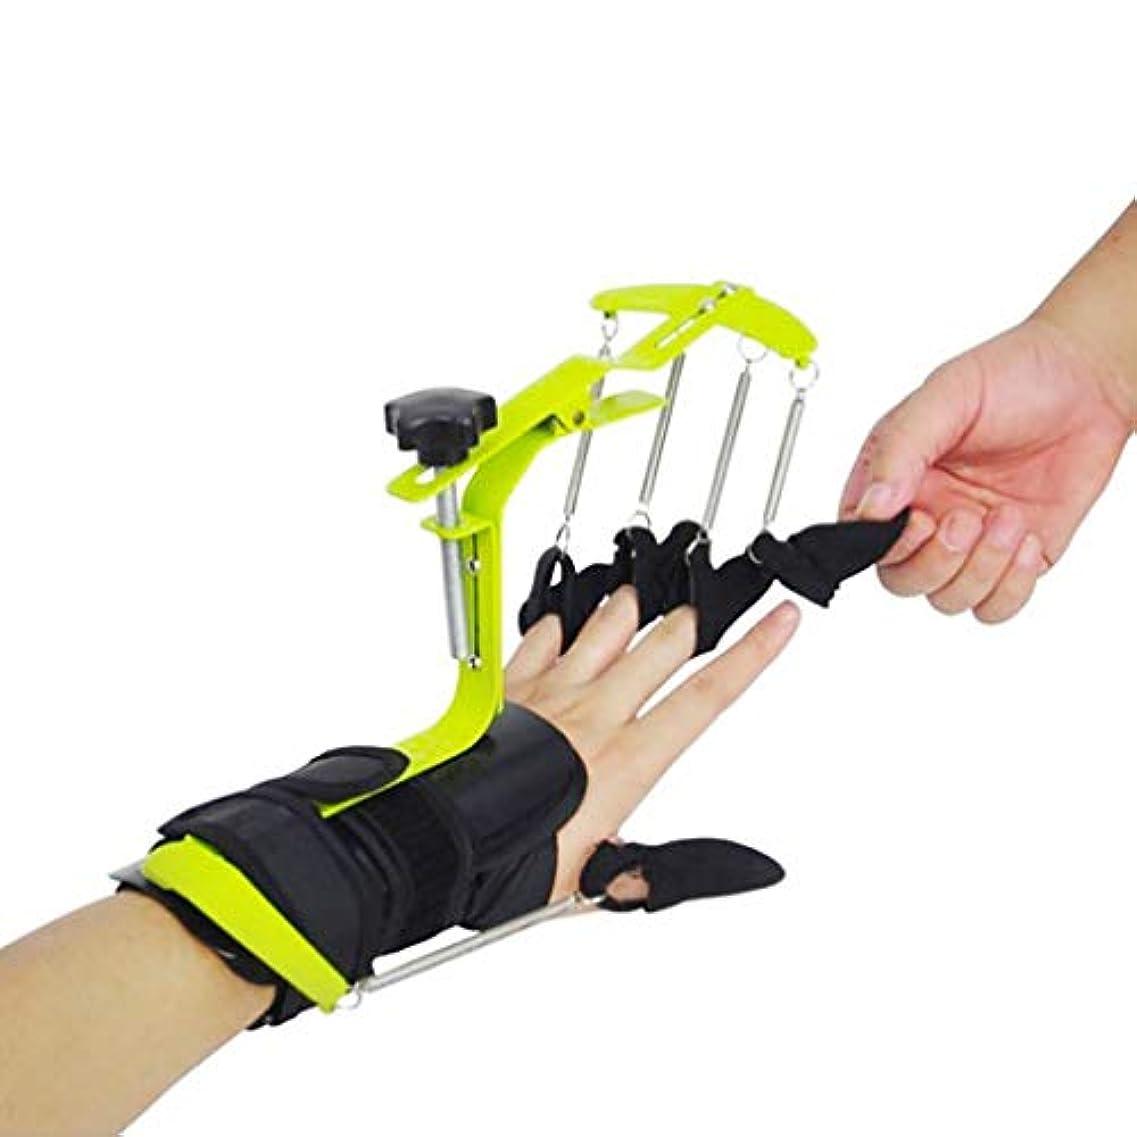 氷リハーサル消防士動的装具多機能アジャスタブルアルミサポートエクステンション矯正関節炎マレットフィンガーナックルブレース捻挫フィンガートレーナー大人用